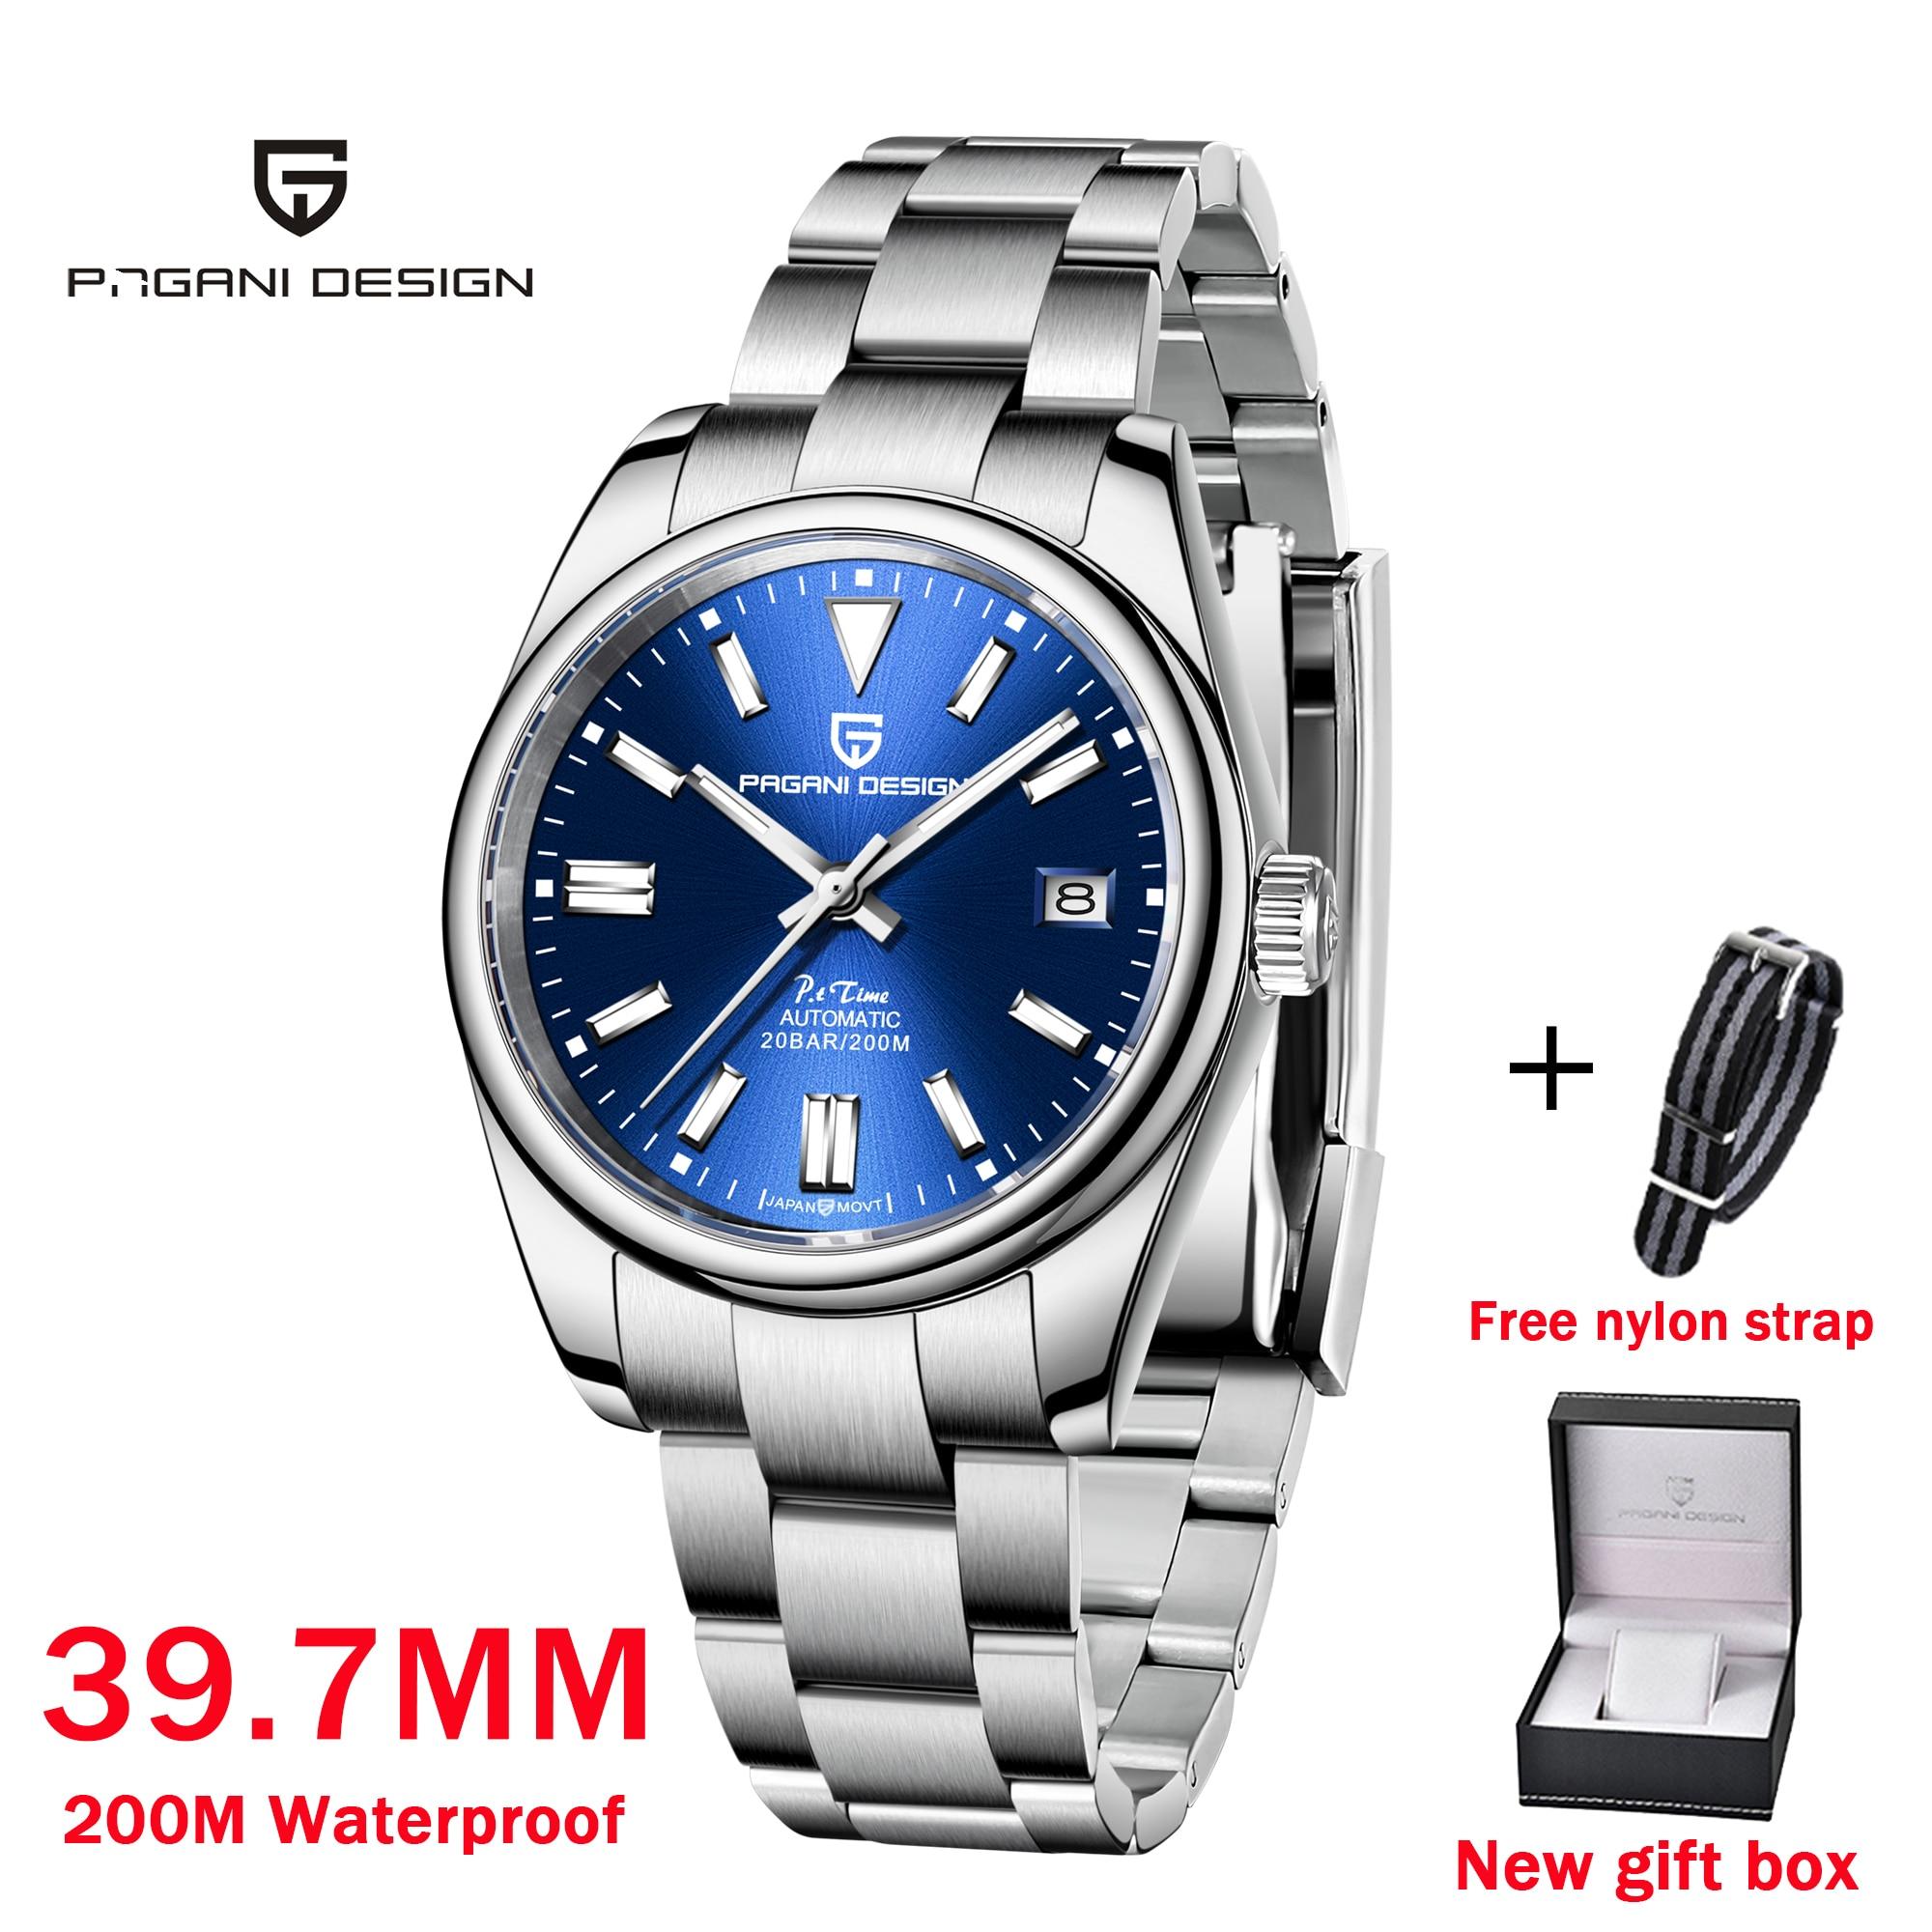 2021 Pagani تصميم جديد عادية موضة الرجال التلقائي ساعة ميكانيكية مقاوم للماء الياقوت الزجاج ليلة الخفيفة ساعة Reloj Hombre